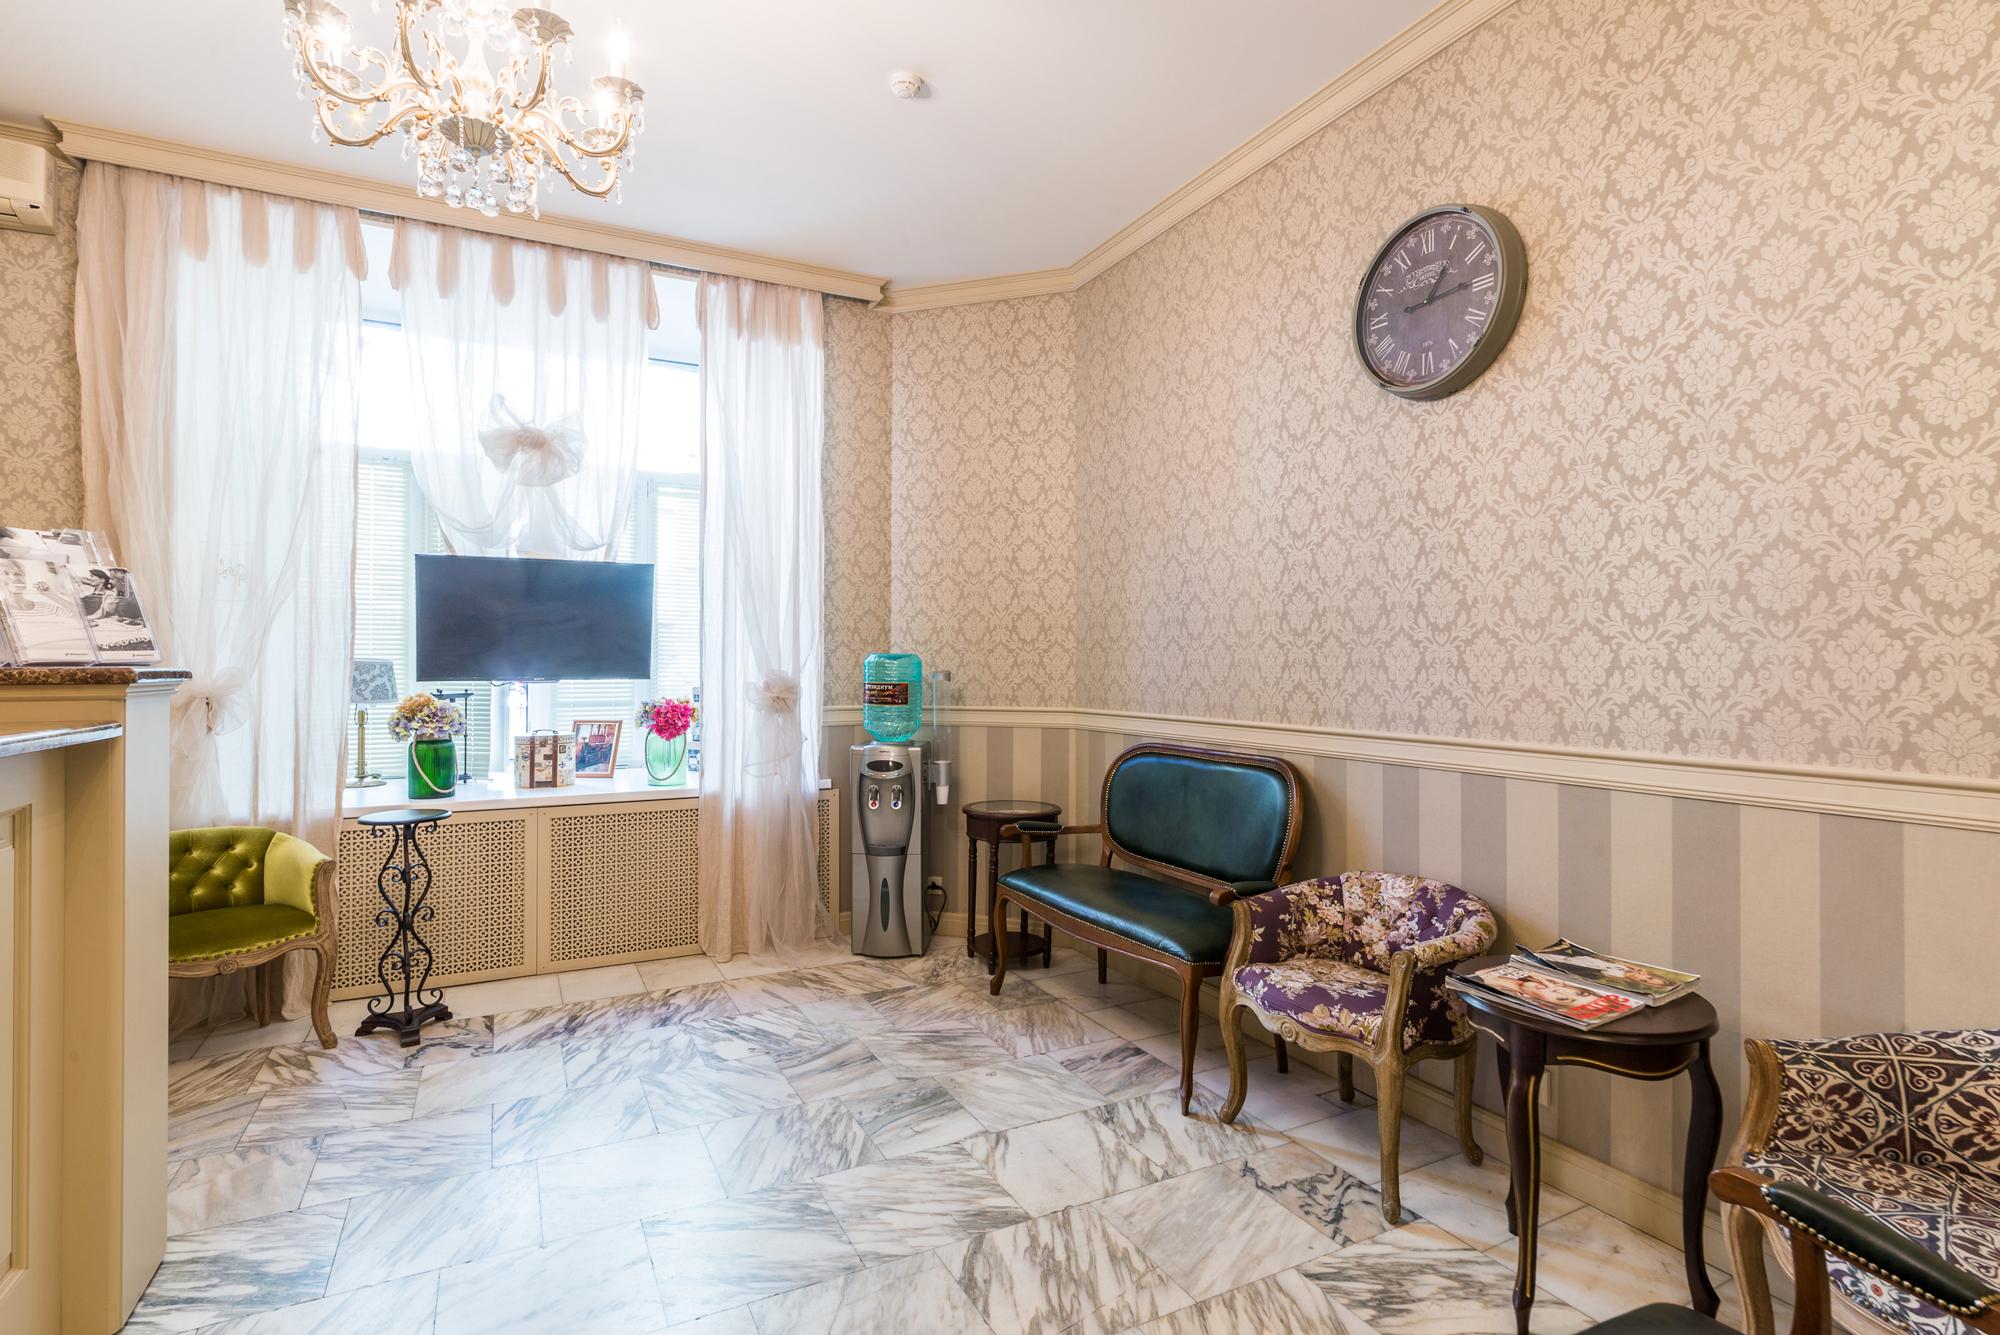 Детская консультативная поликлиника города томска